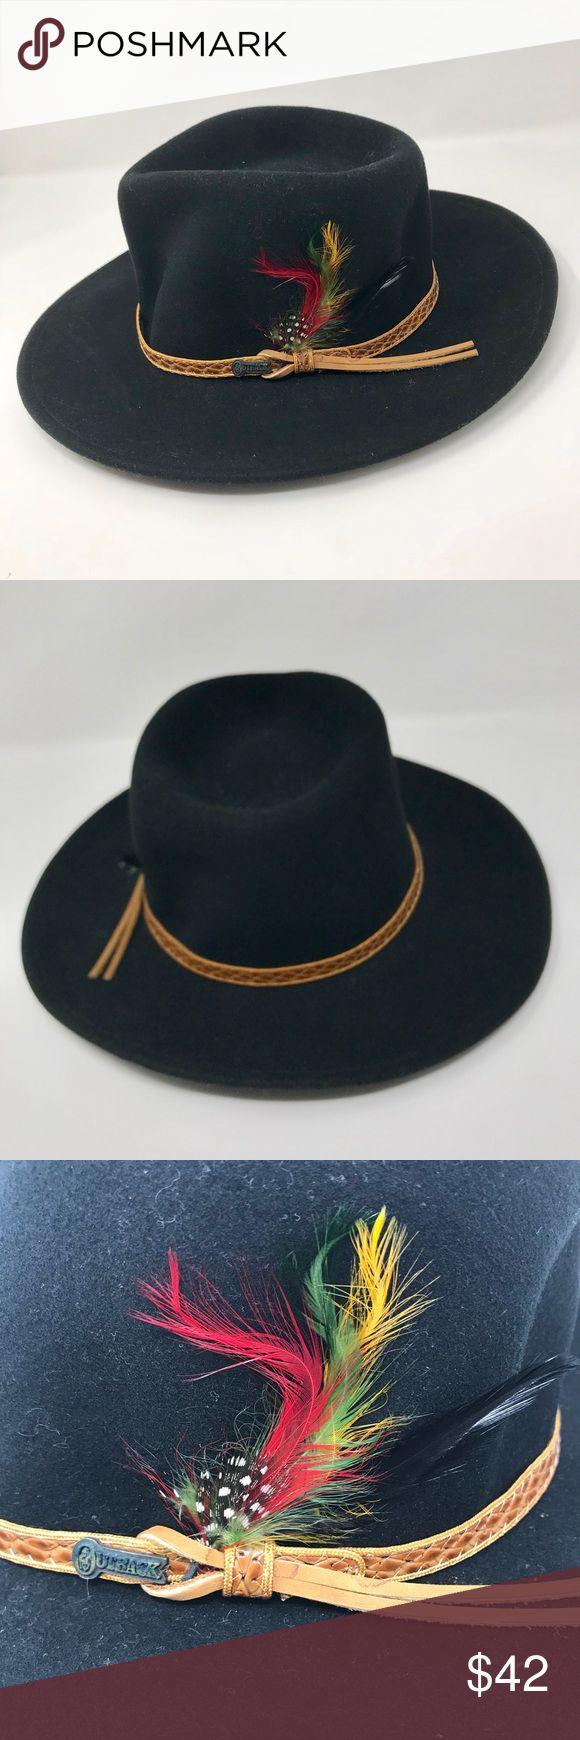 best 25+ black cowboy hat ideas on pinterest | cowboy hat styles